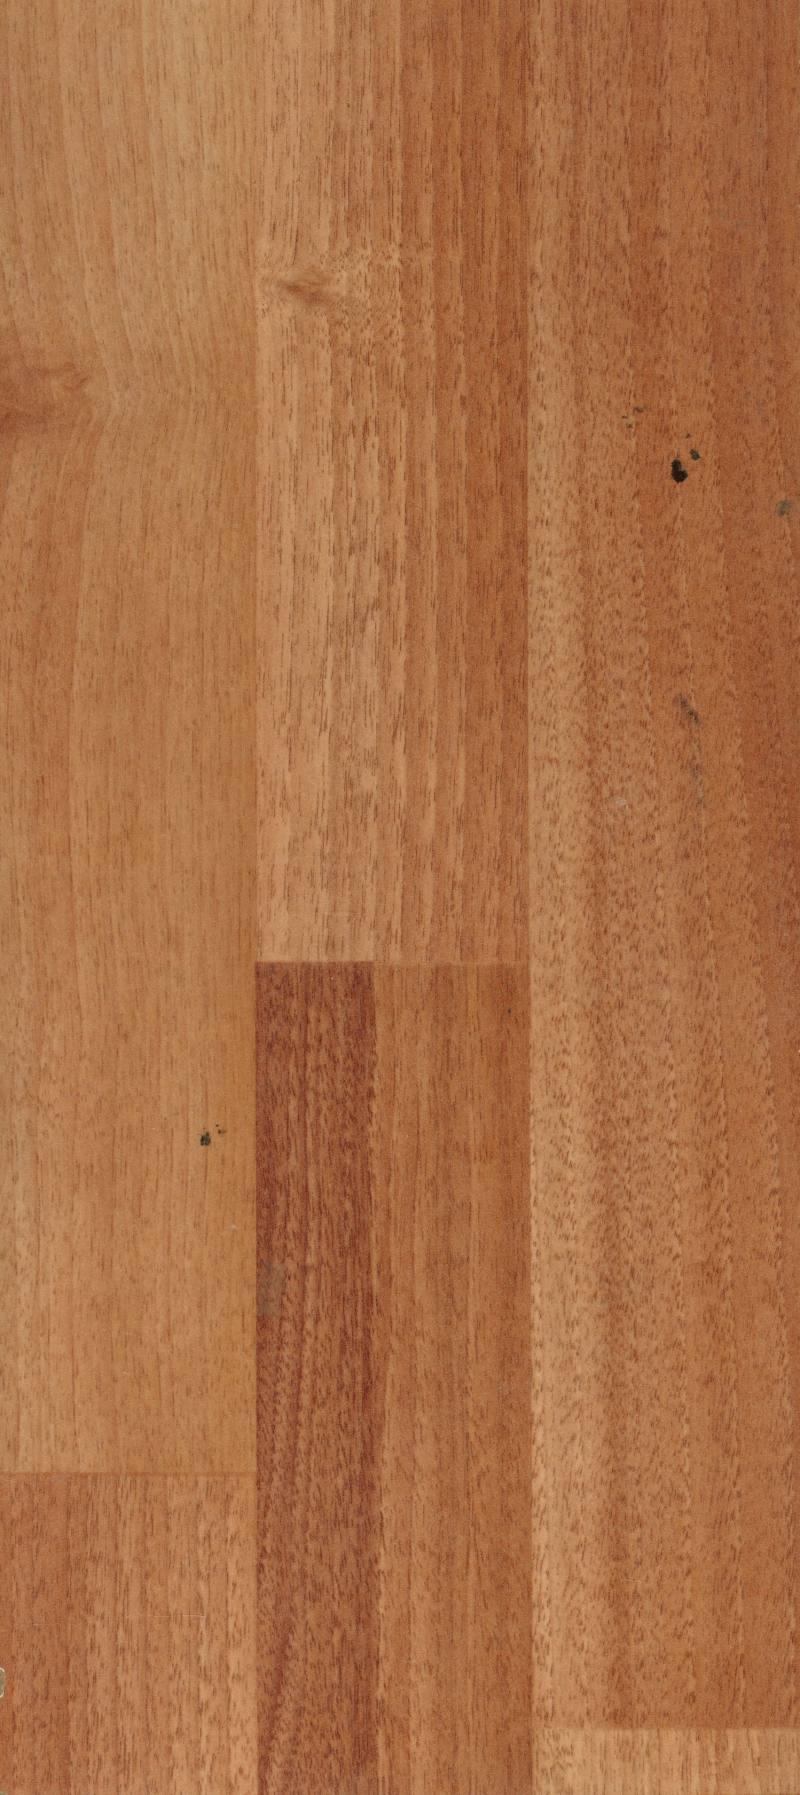 室内装修装修设计室内装潢设计贴图素材室内装饰地板贴图 室内设计